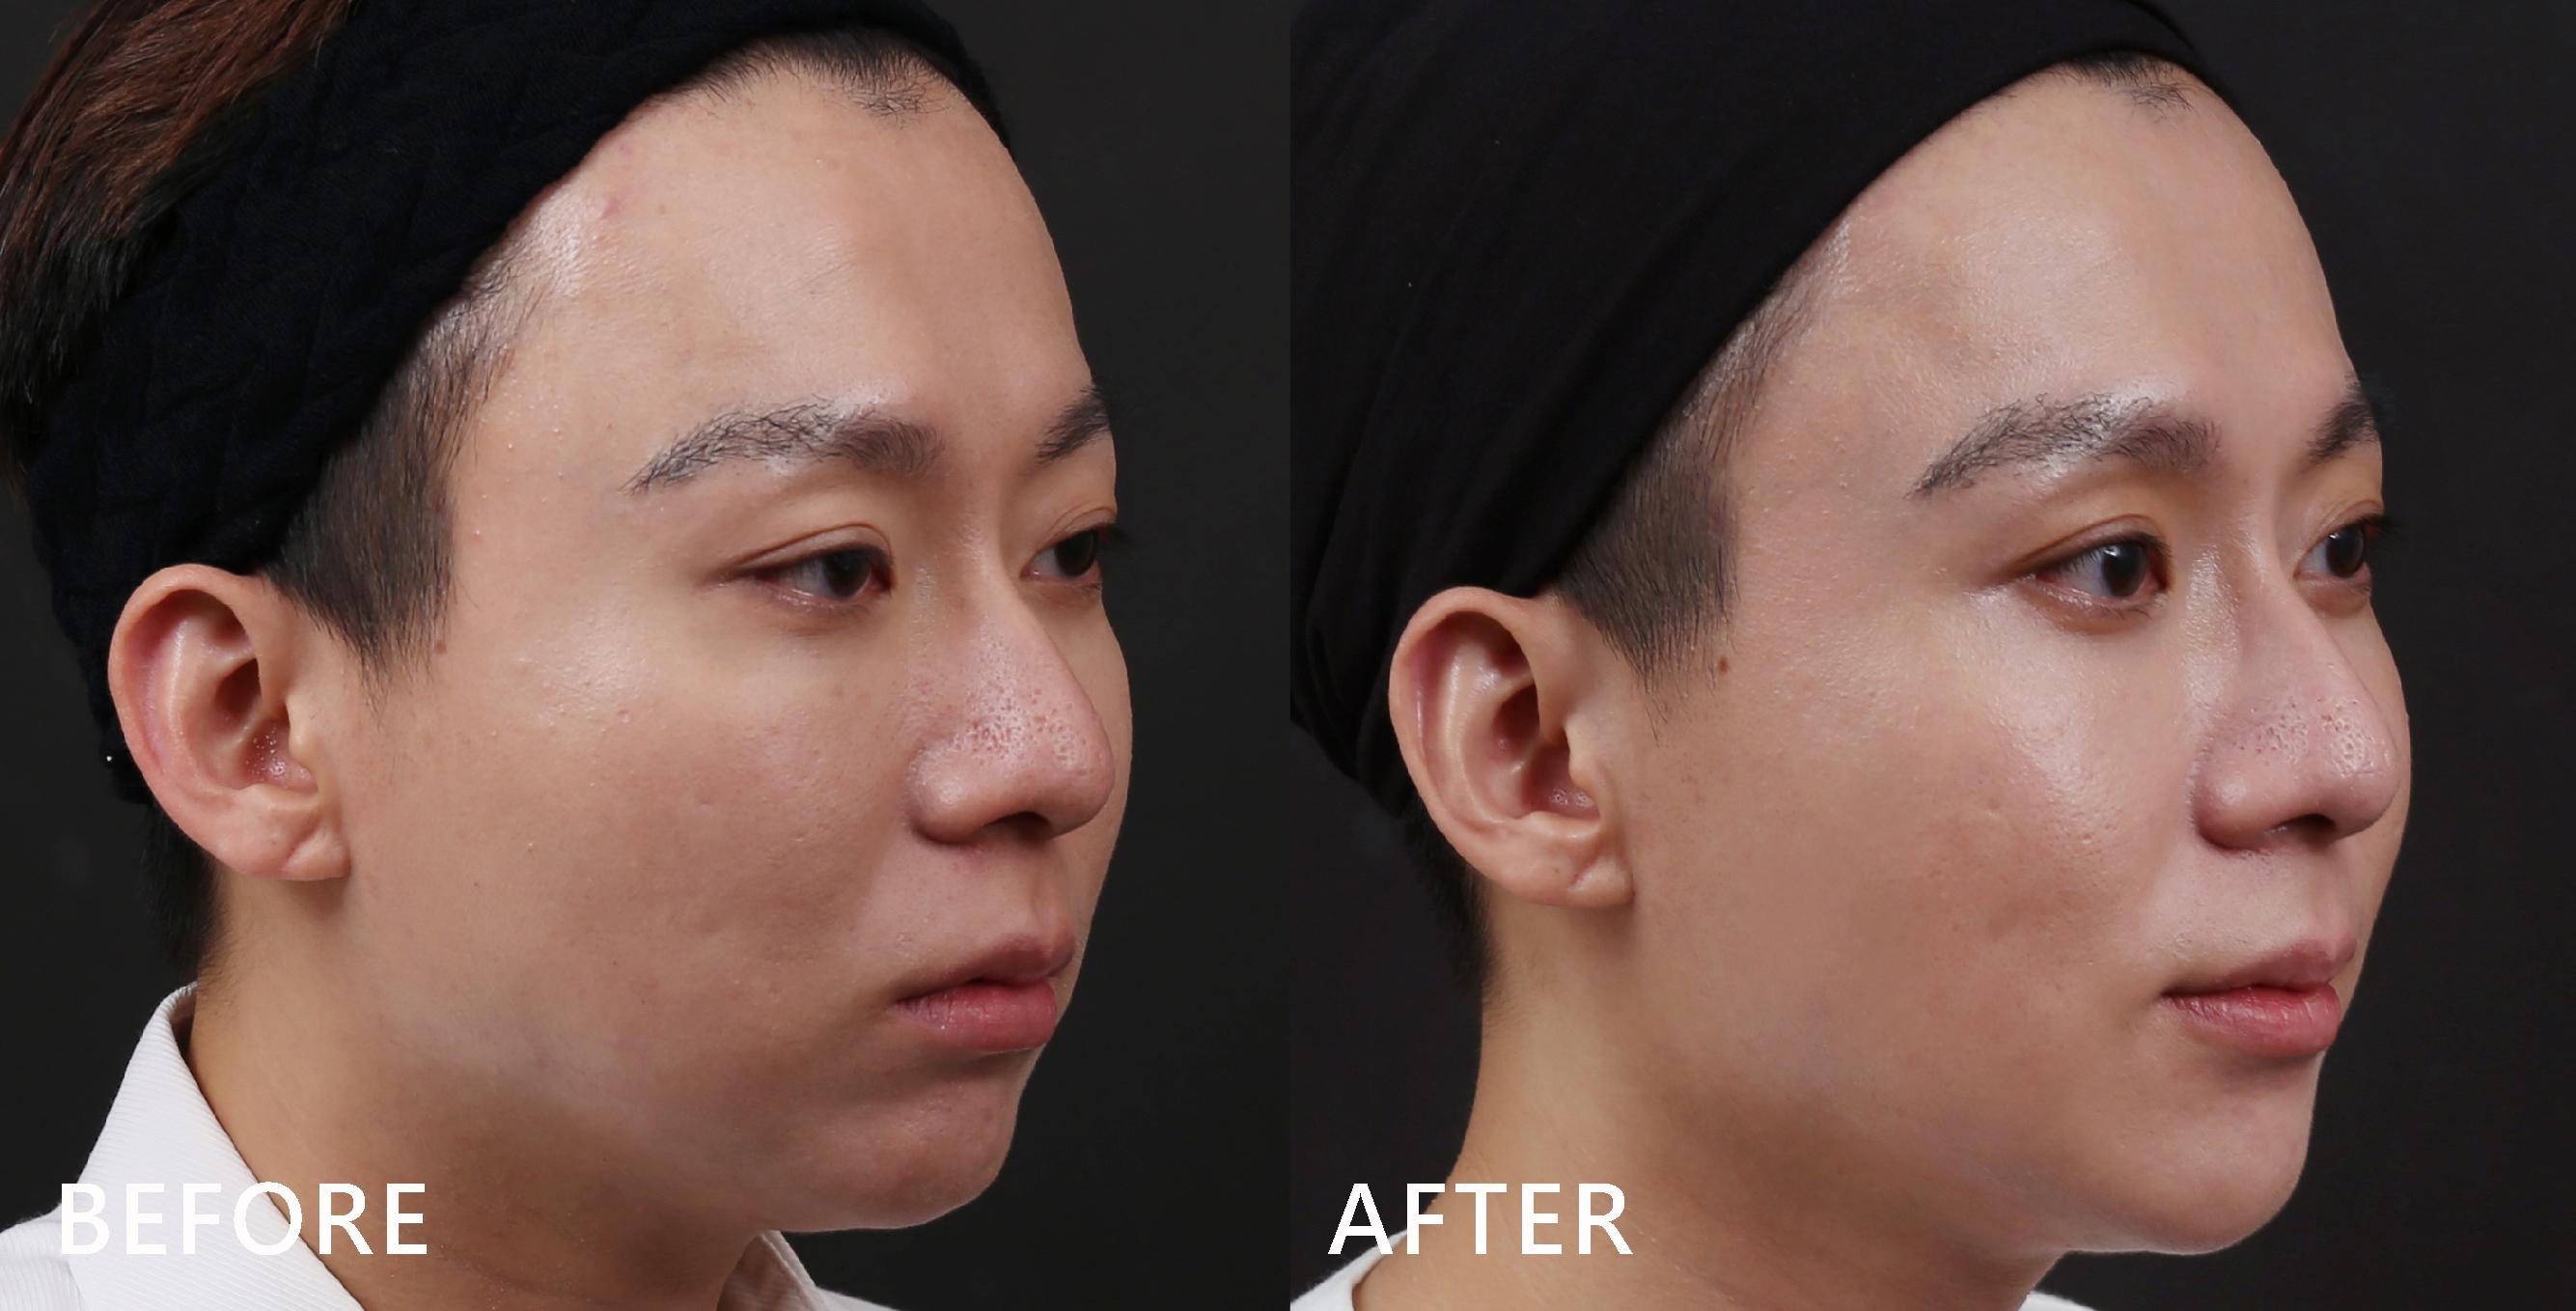 臉部輪廓真的比以前立體了。(效果因個案而異)